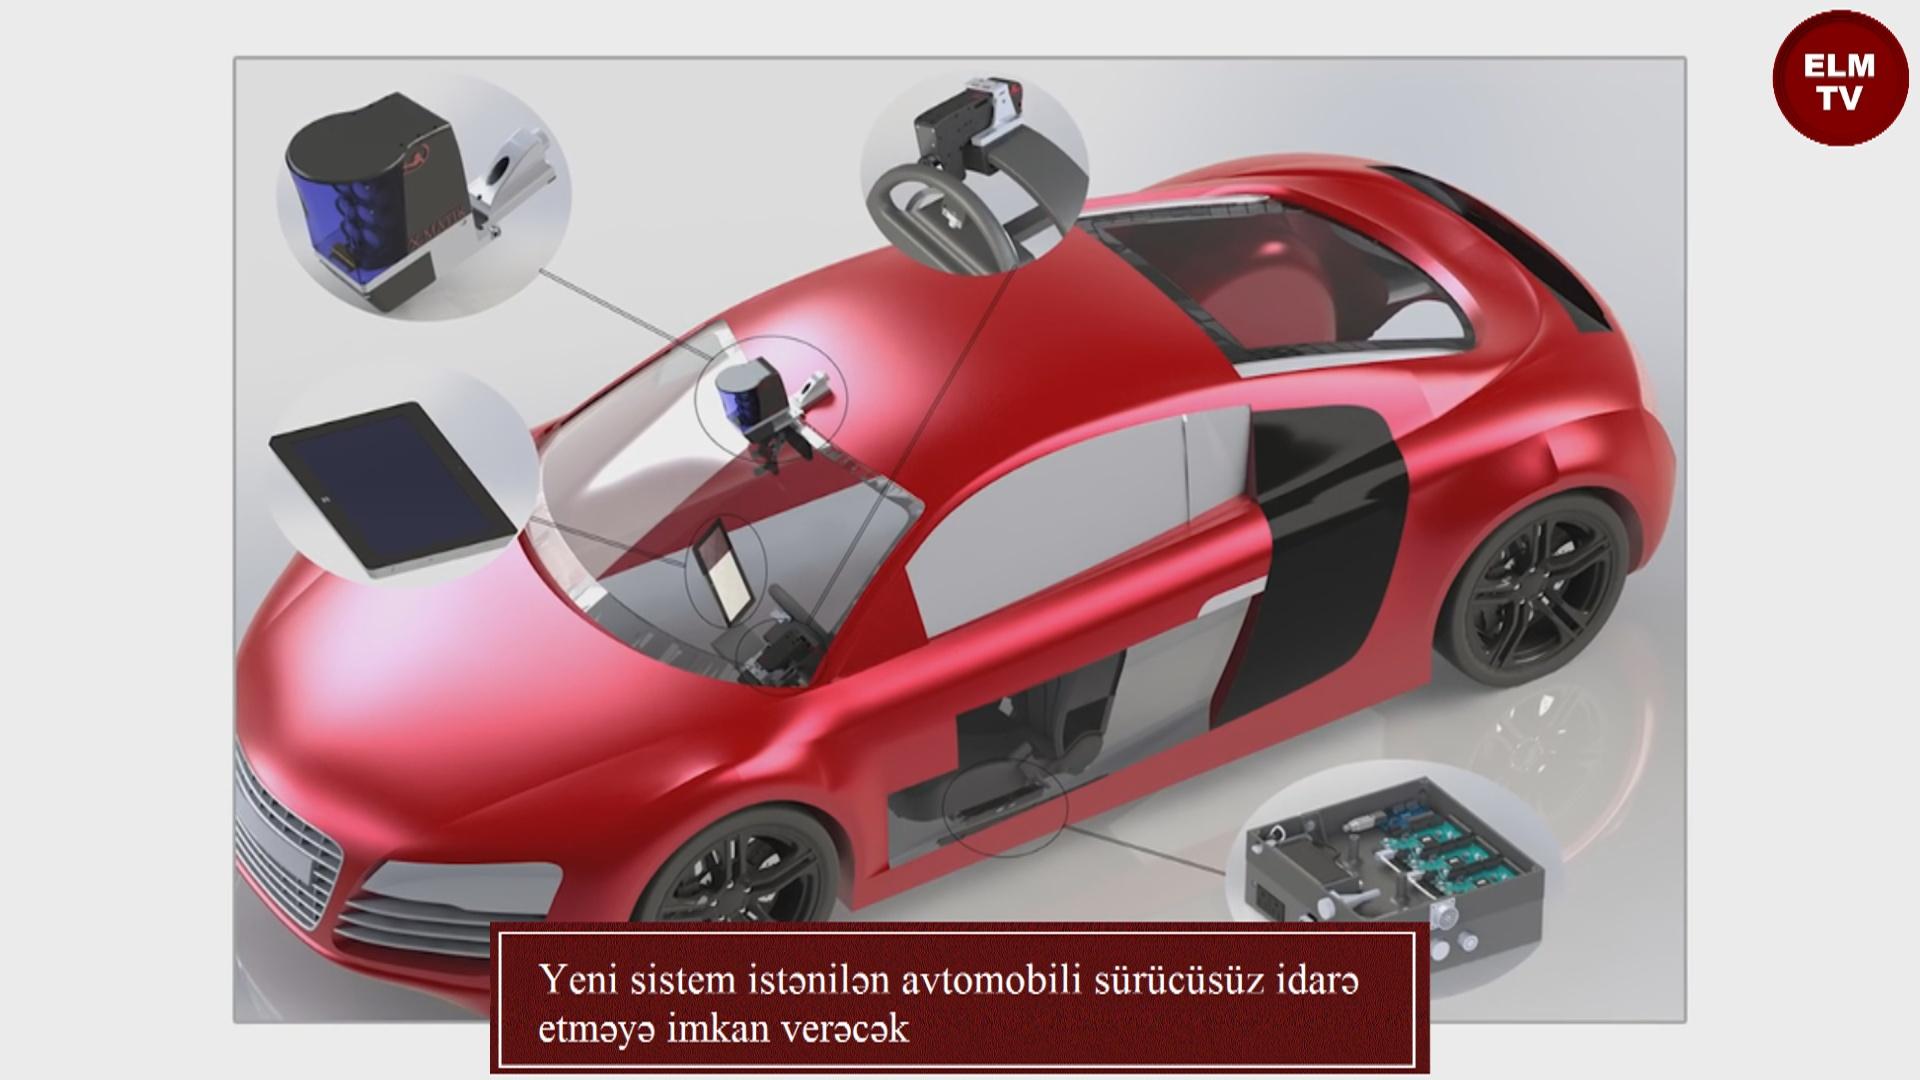 Yeni sistem istənilən avtomobili sürücüsüz idarə etməyə imkan verəcək